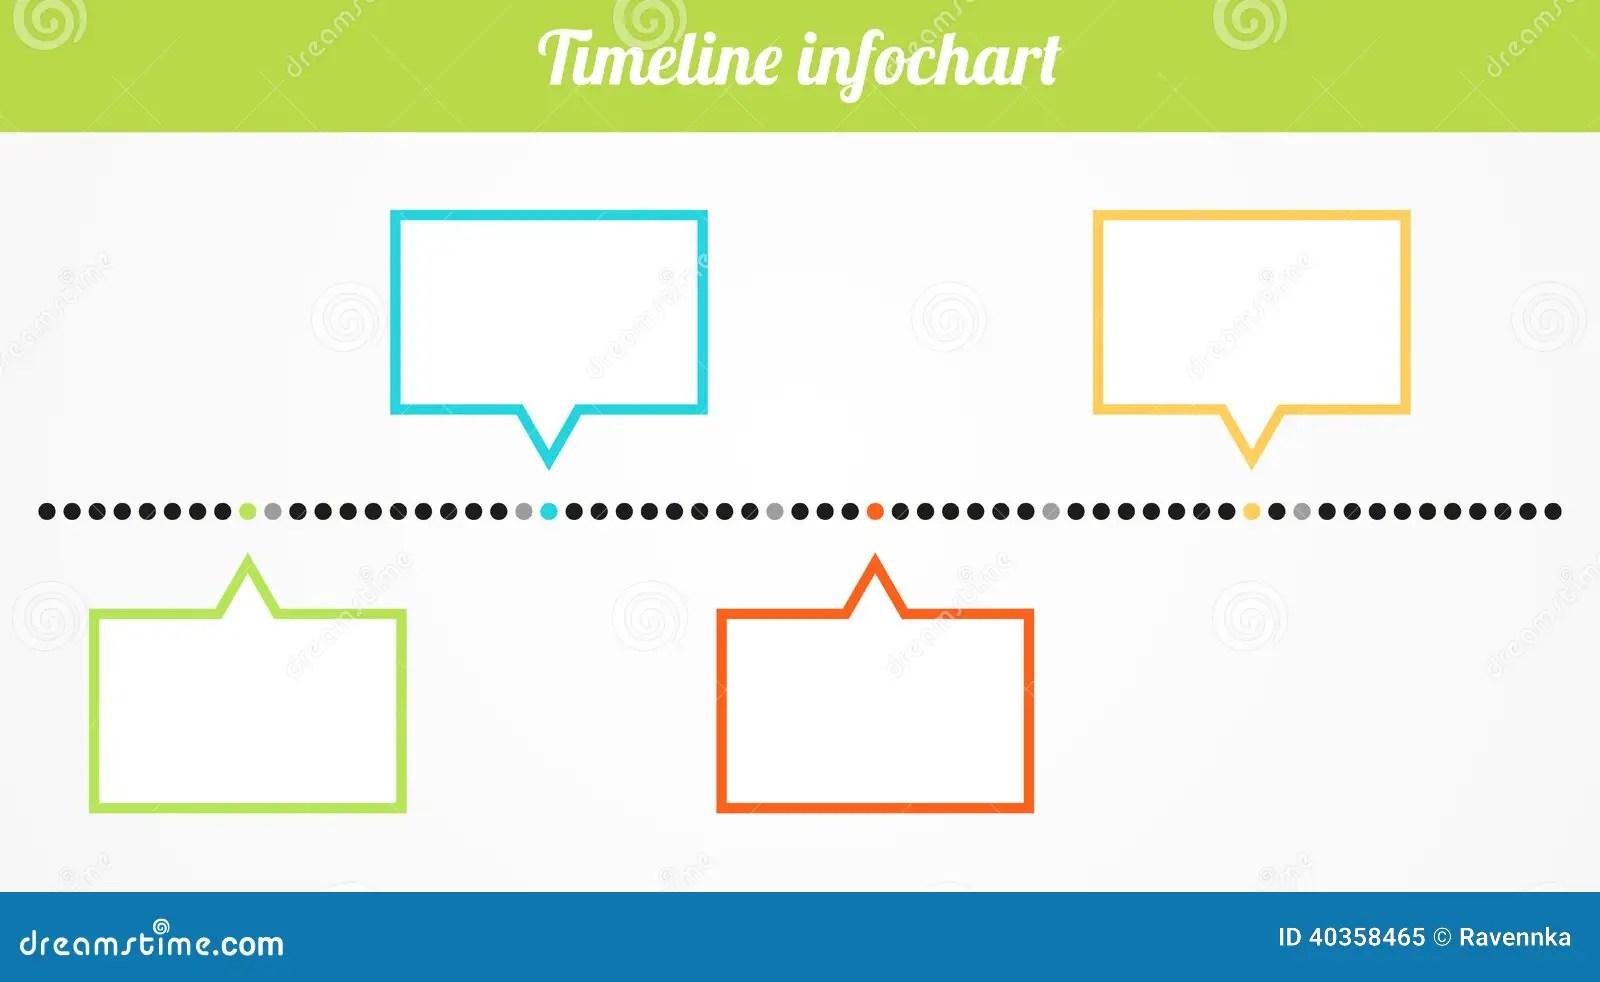 Timeline Infochart Stock Vector Illustration Of Graph